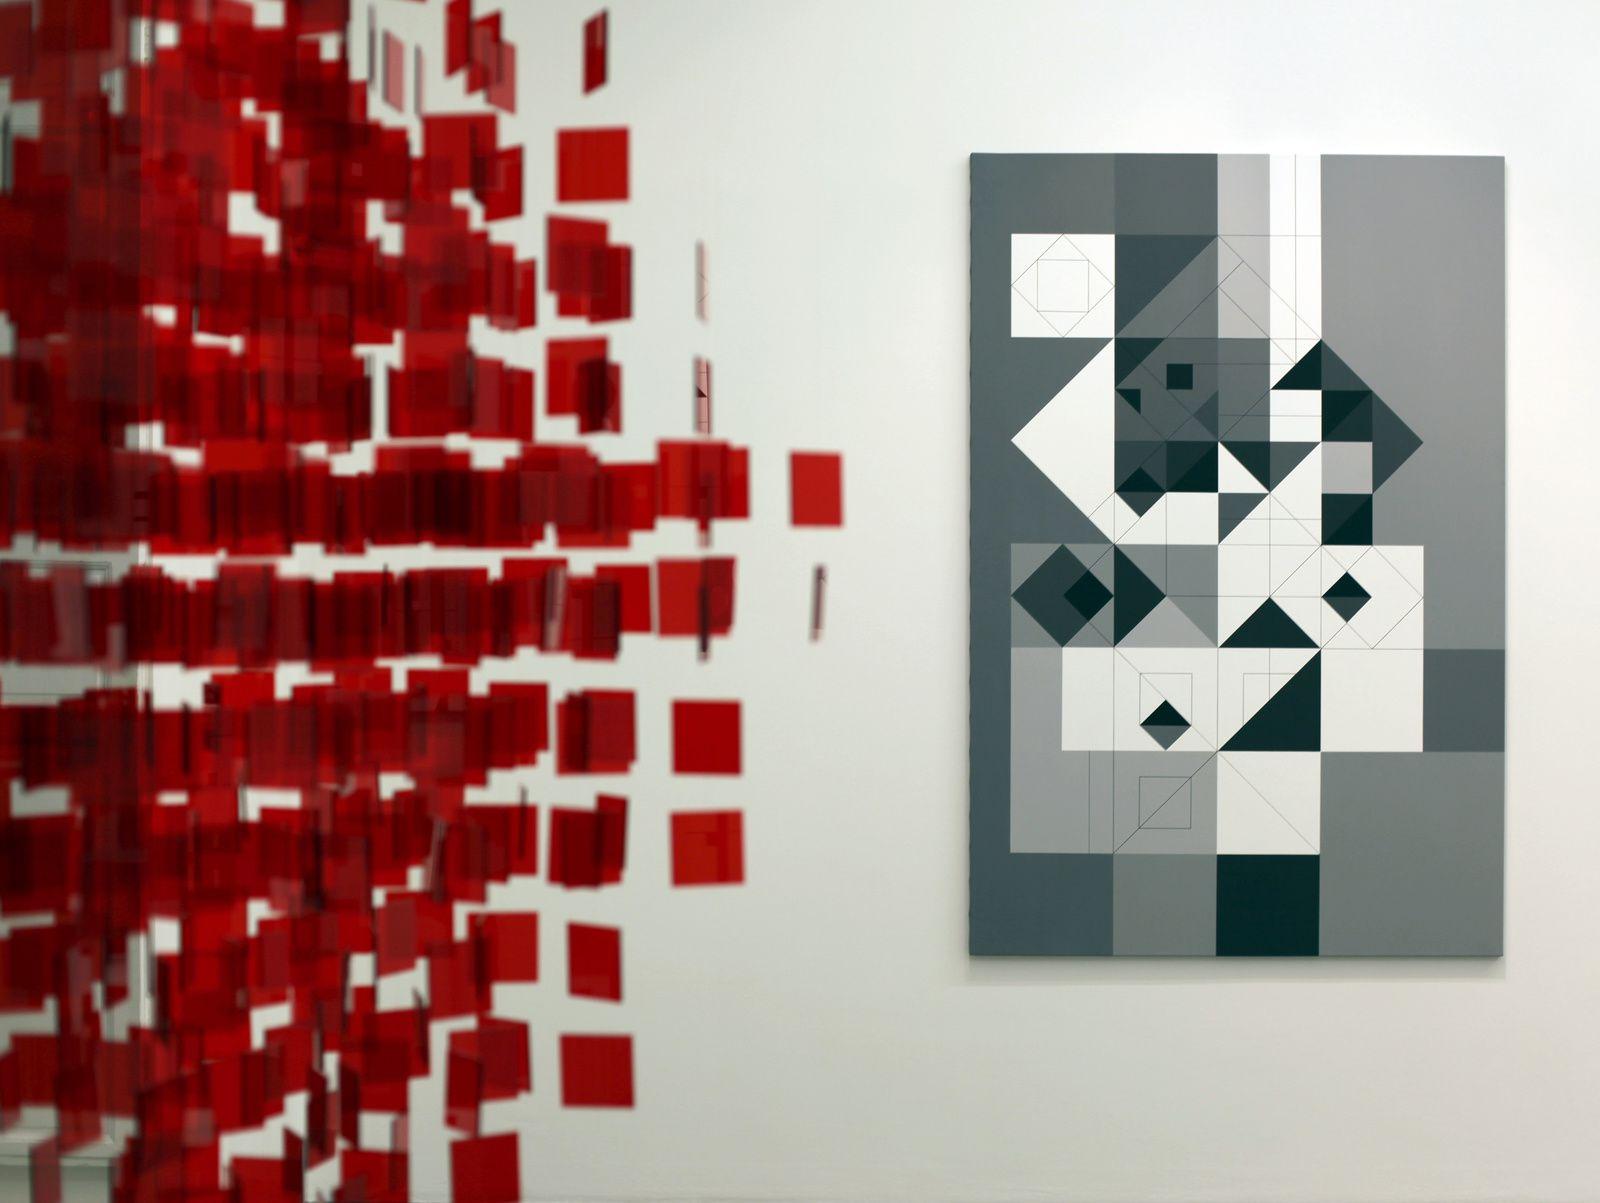 """""""Siete grises y blancos"""", 1958 / 2016 de Julio Le Parc - Courtesy Galerie Perrotin © Photo Éric Simon"""